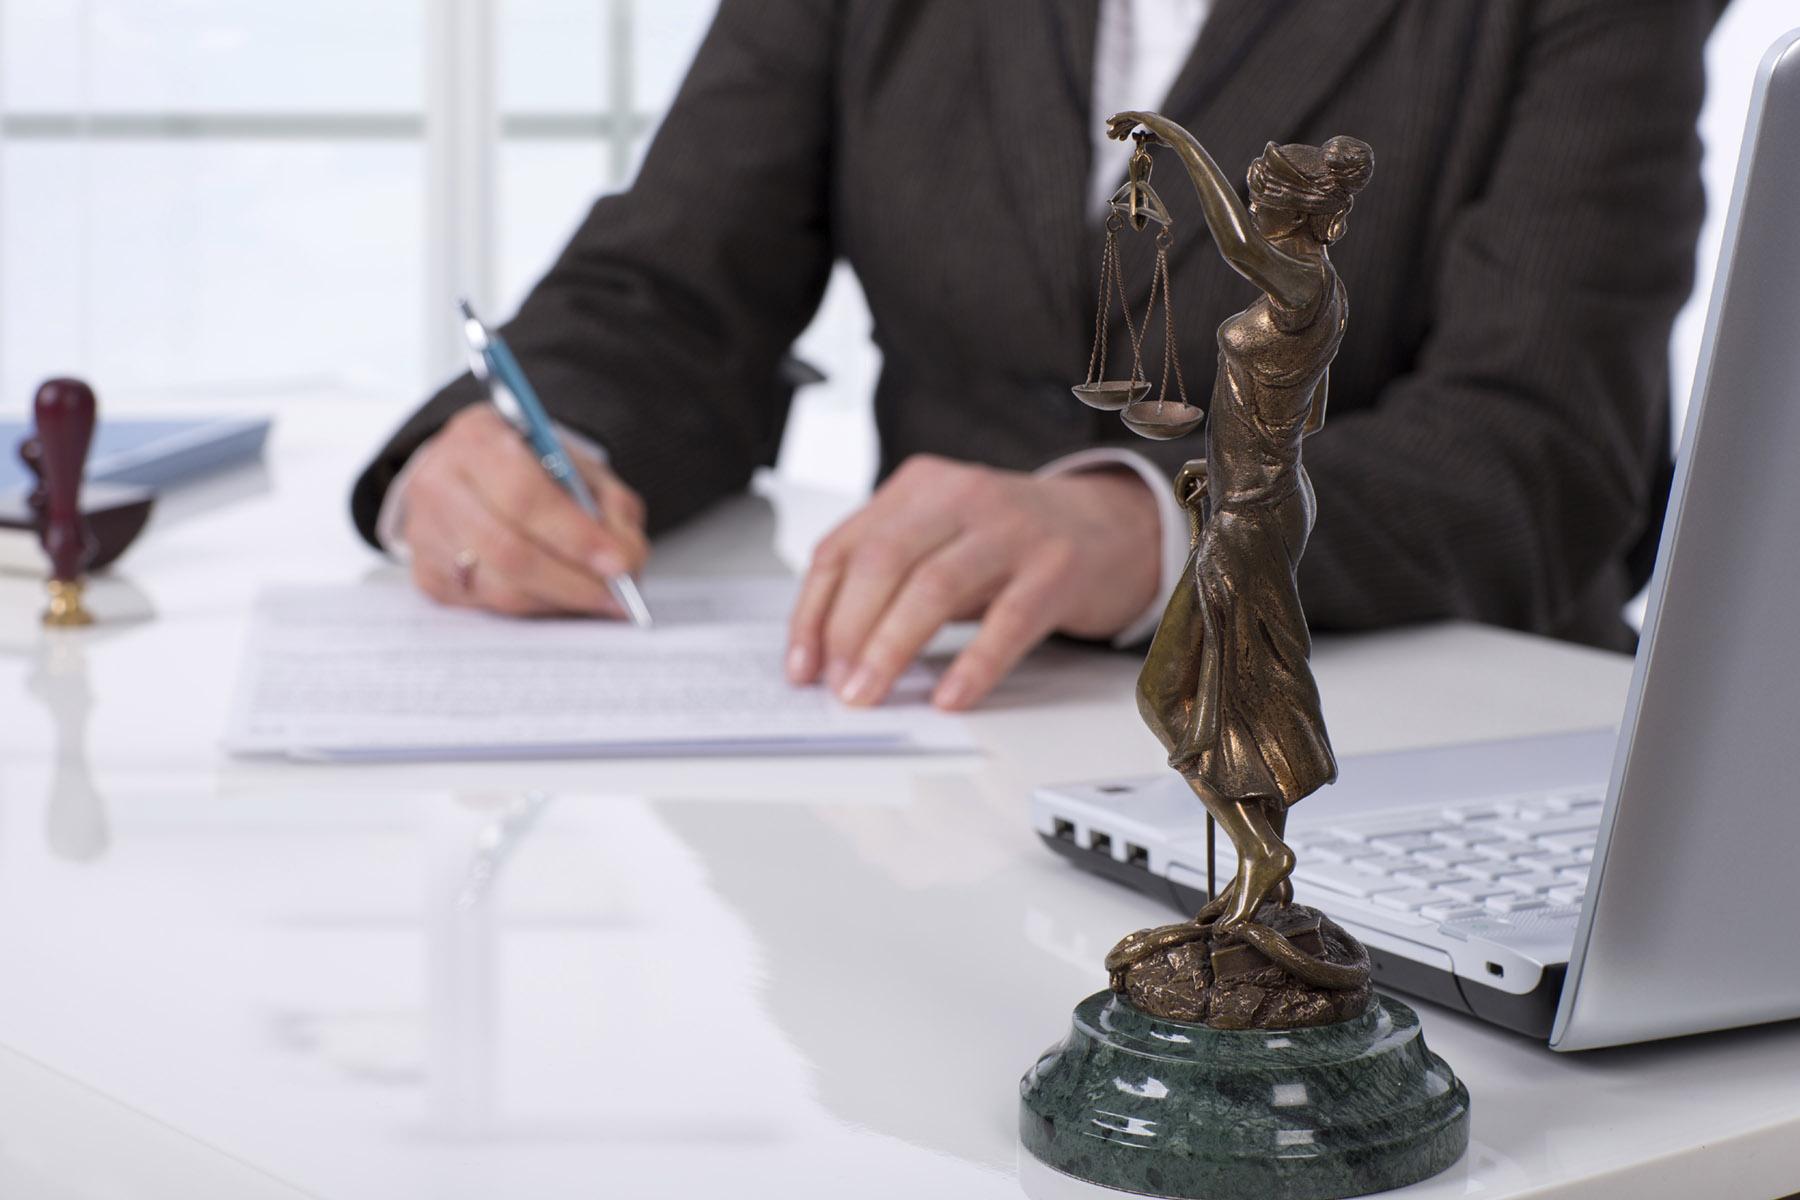 Картинка для юридической консультации